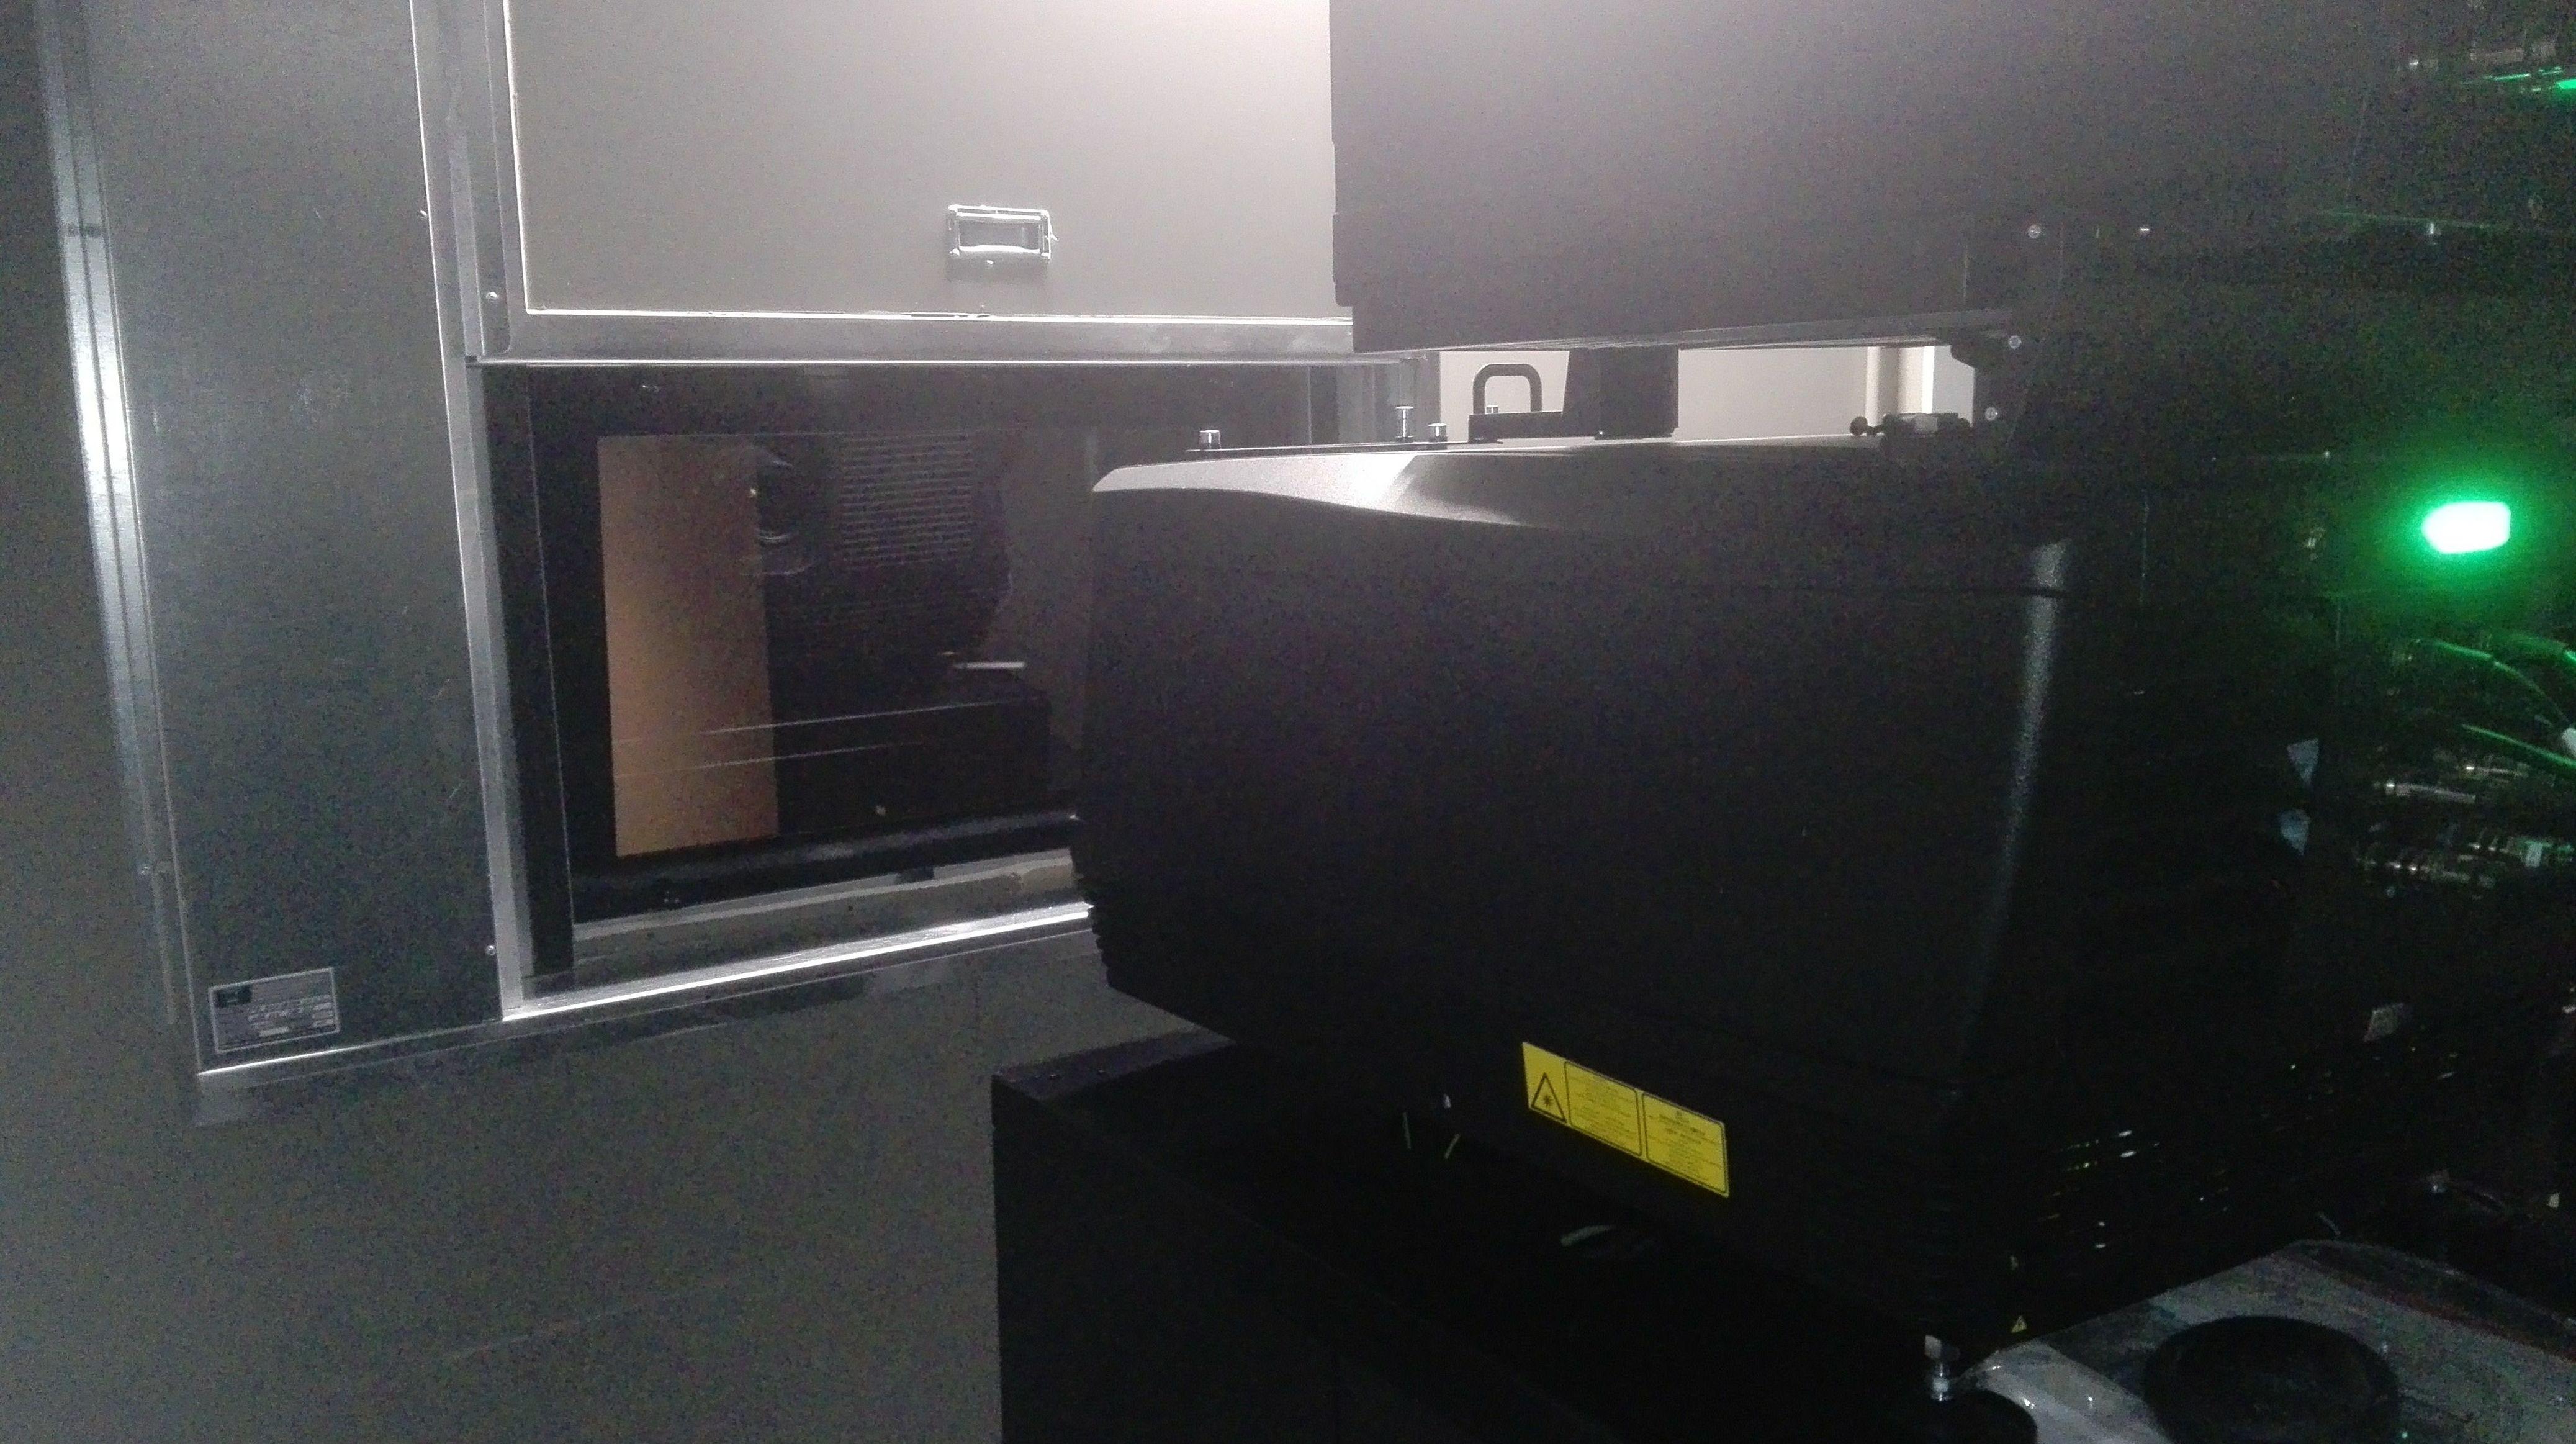 Ventana de guillotina de una hoja contra incendios certificada reproductor de cine